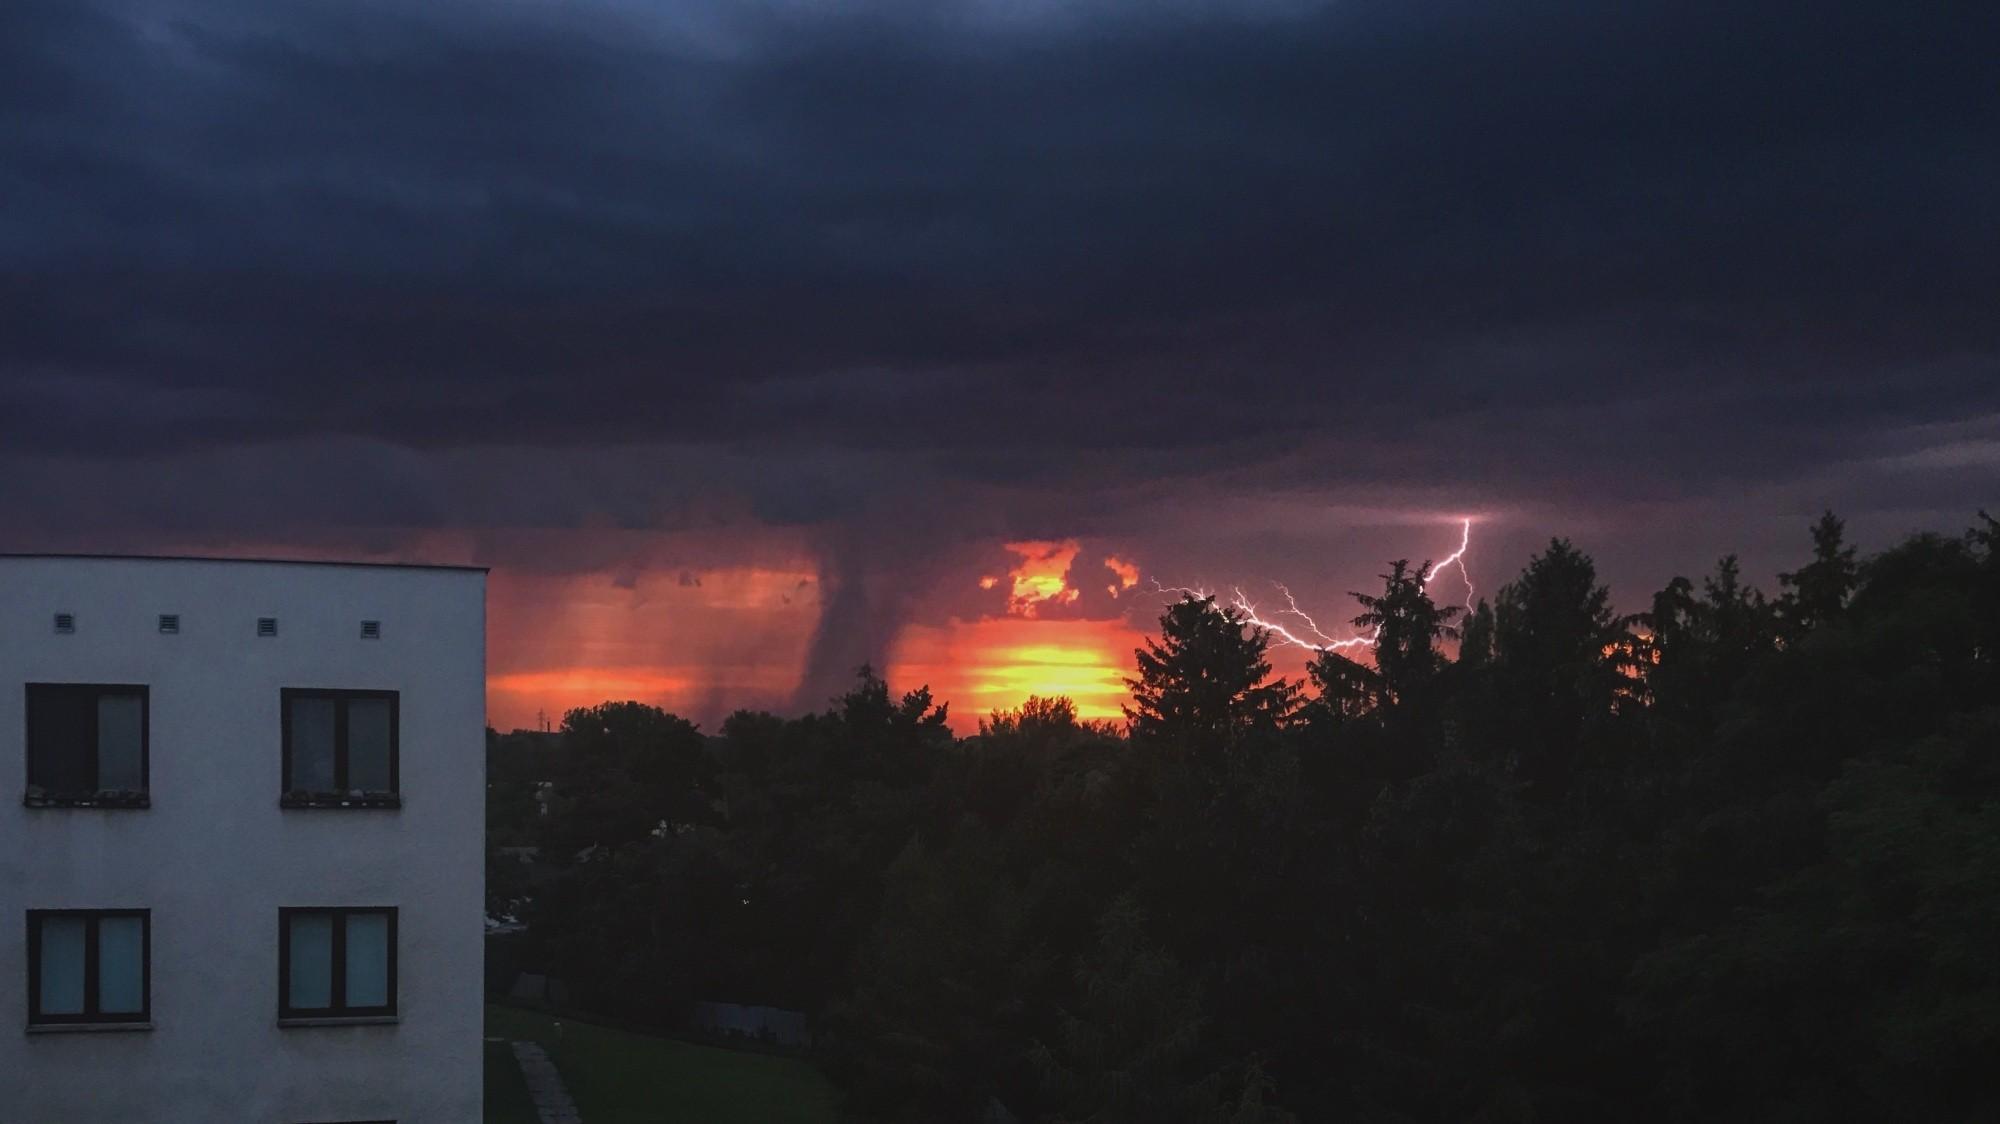 Bouře při západu slunce